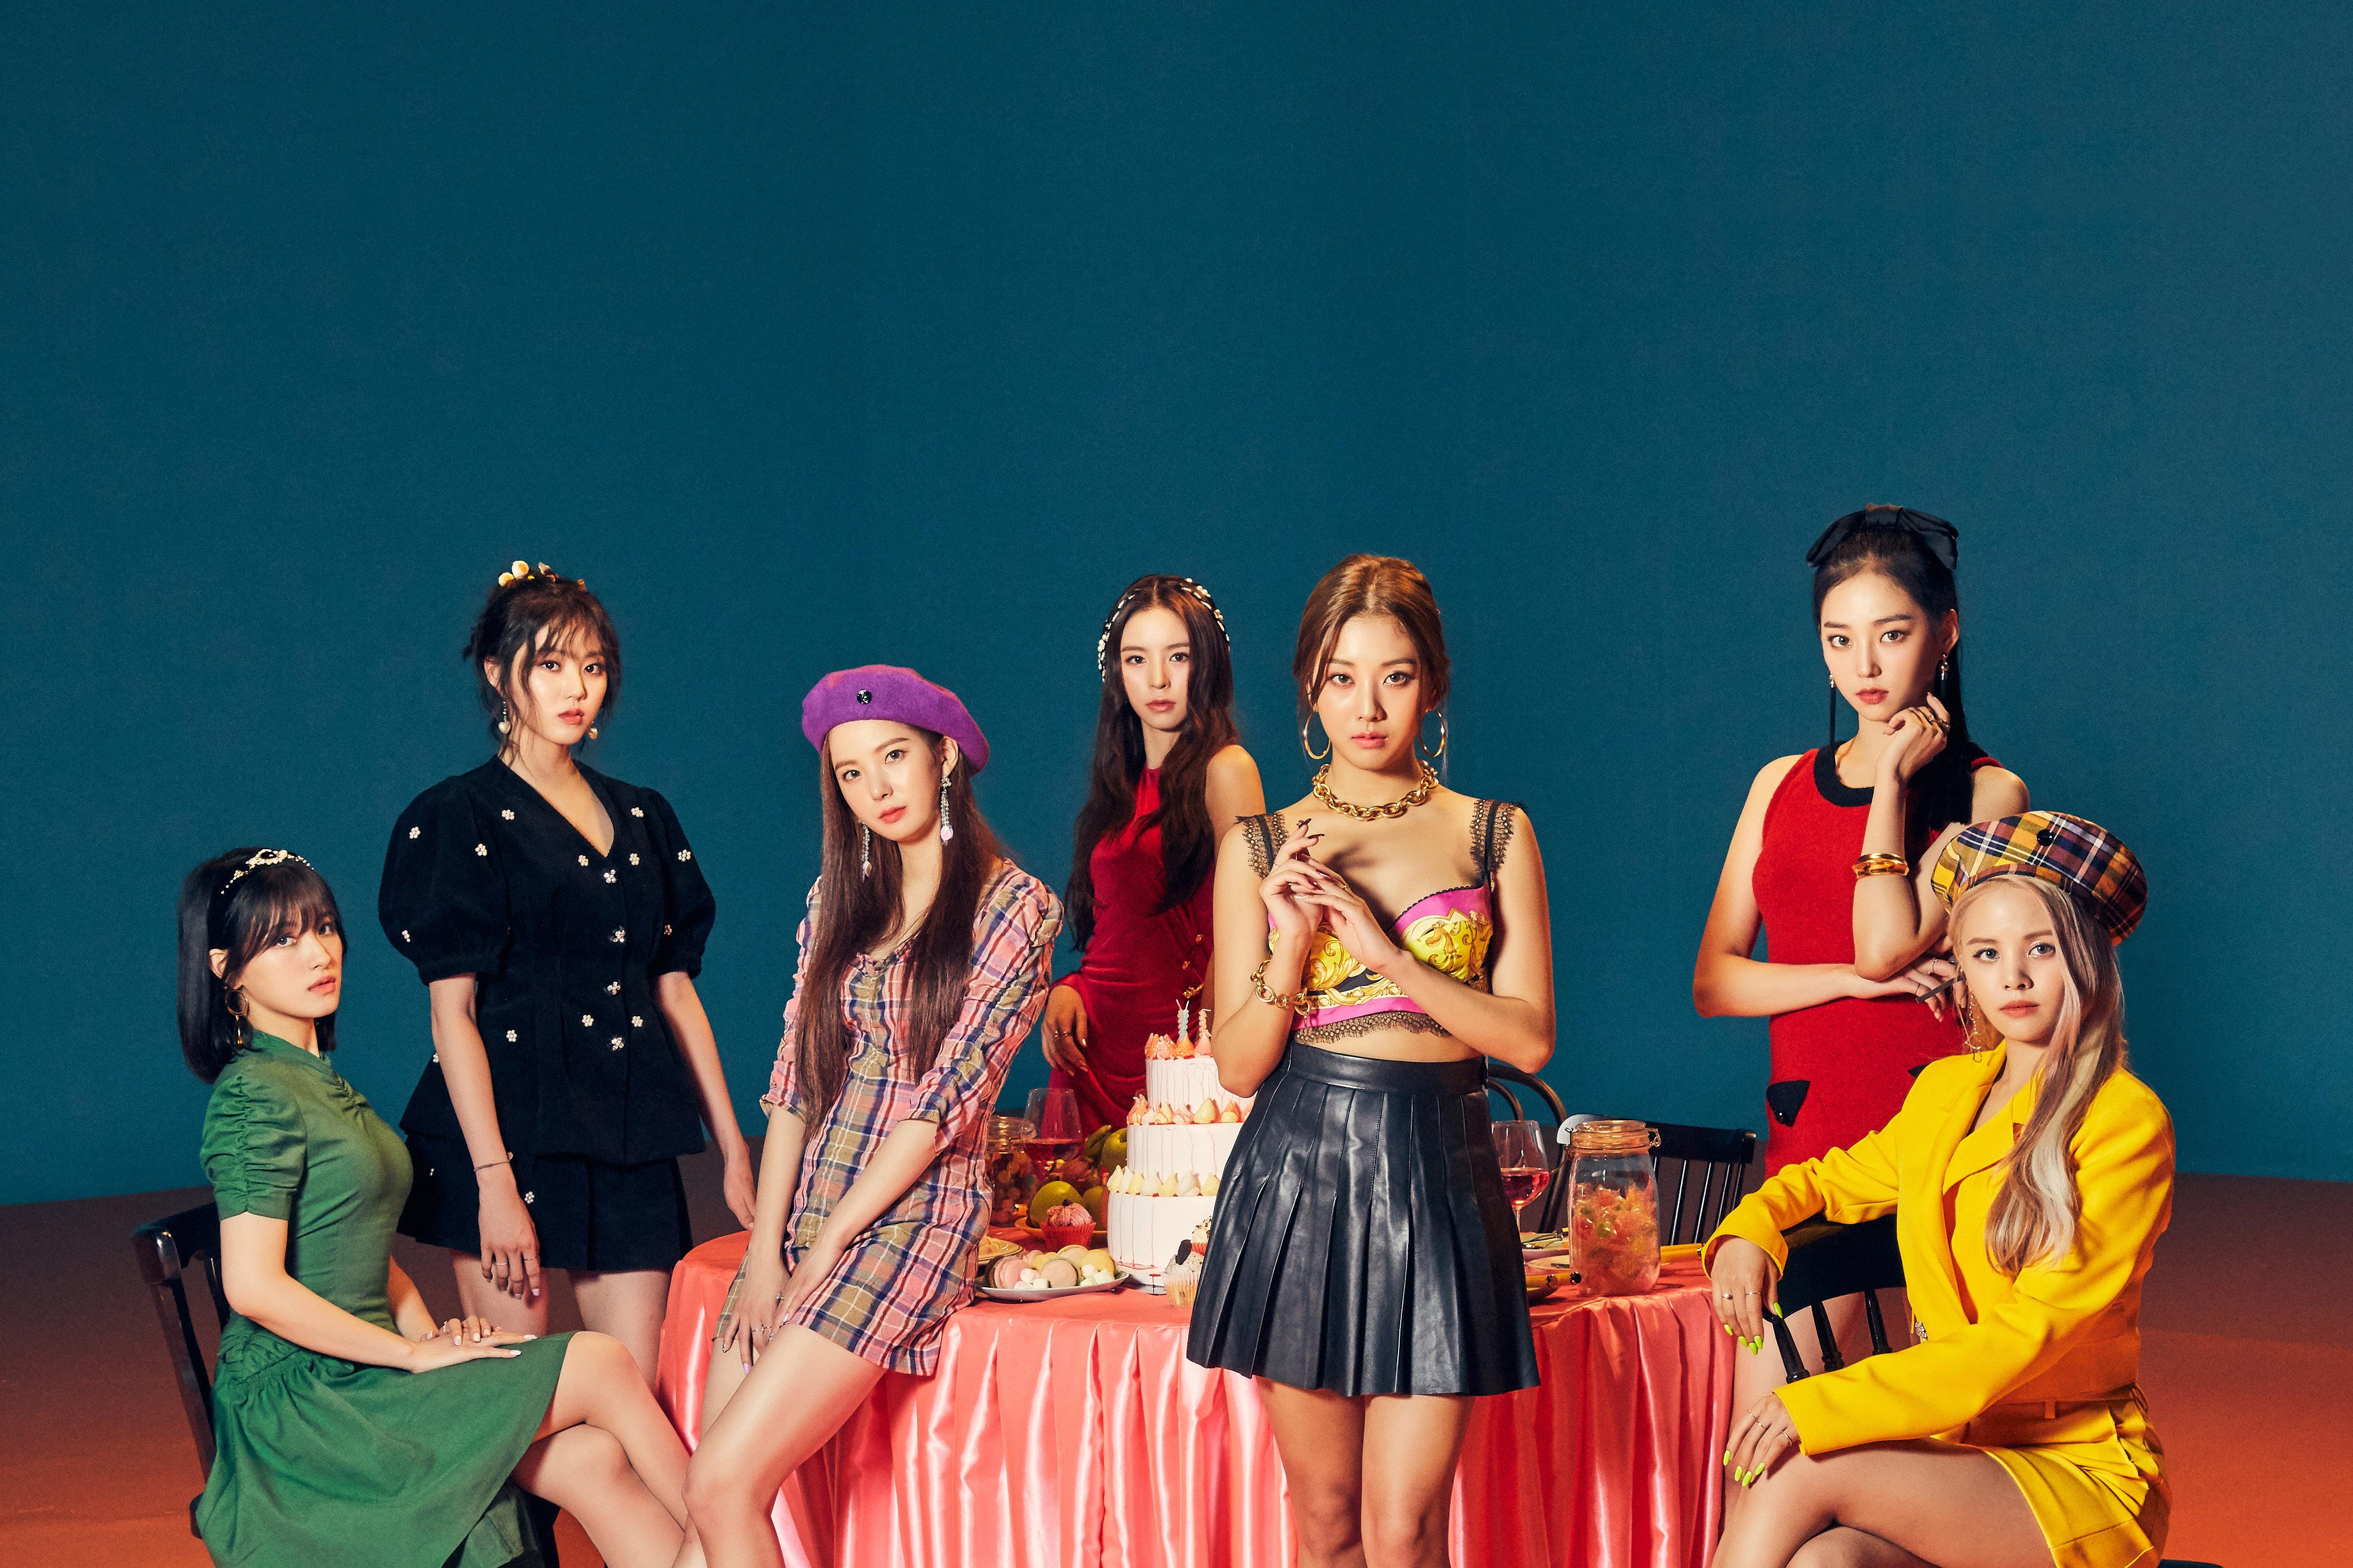 CLC, 'ME'-'데빌' 美 빌보드 월드 디지털 송 세일즈 차트 5·7위